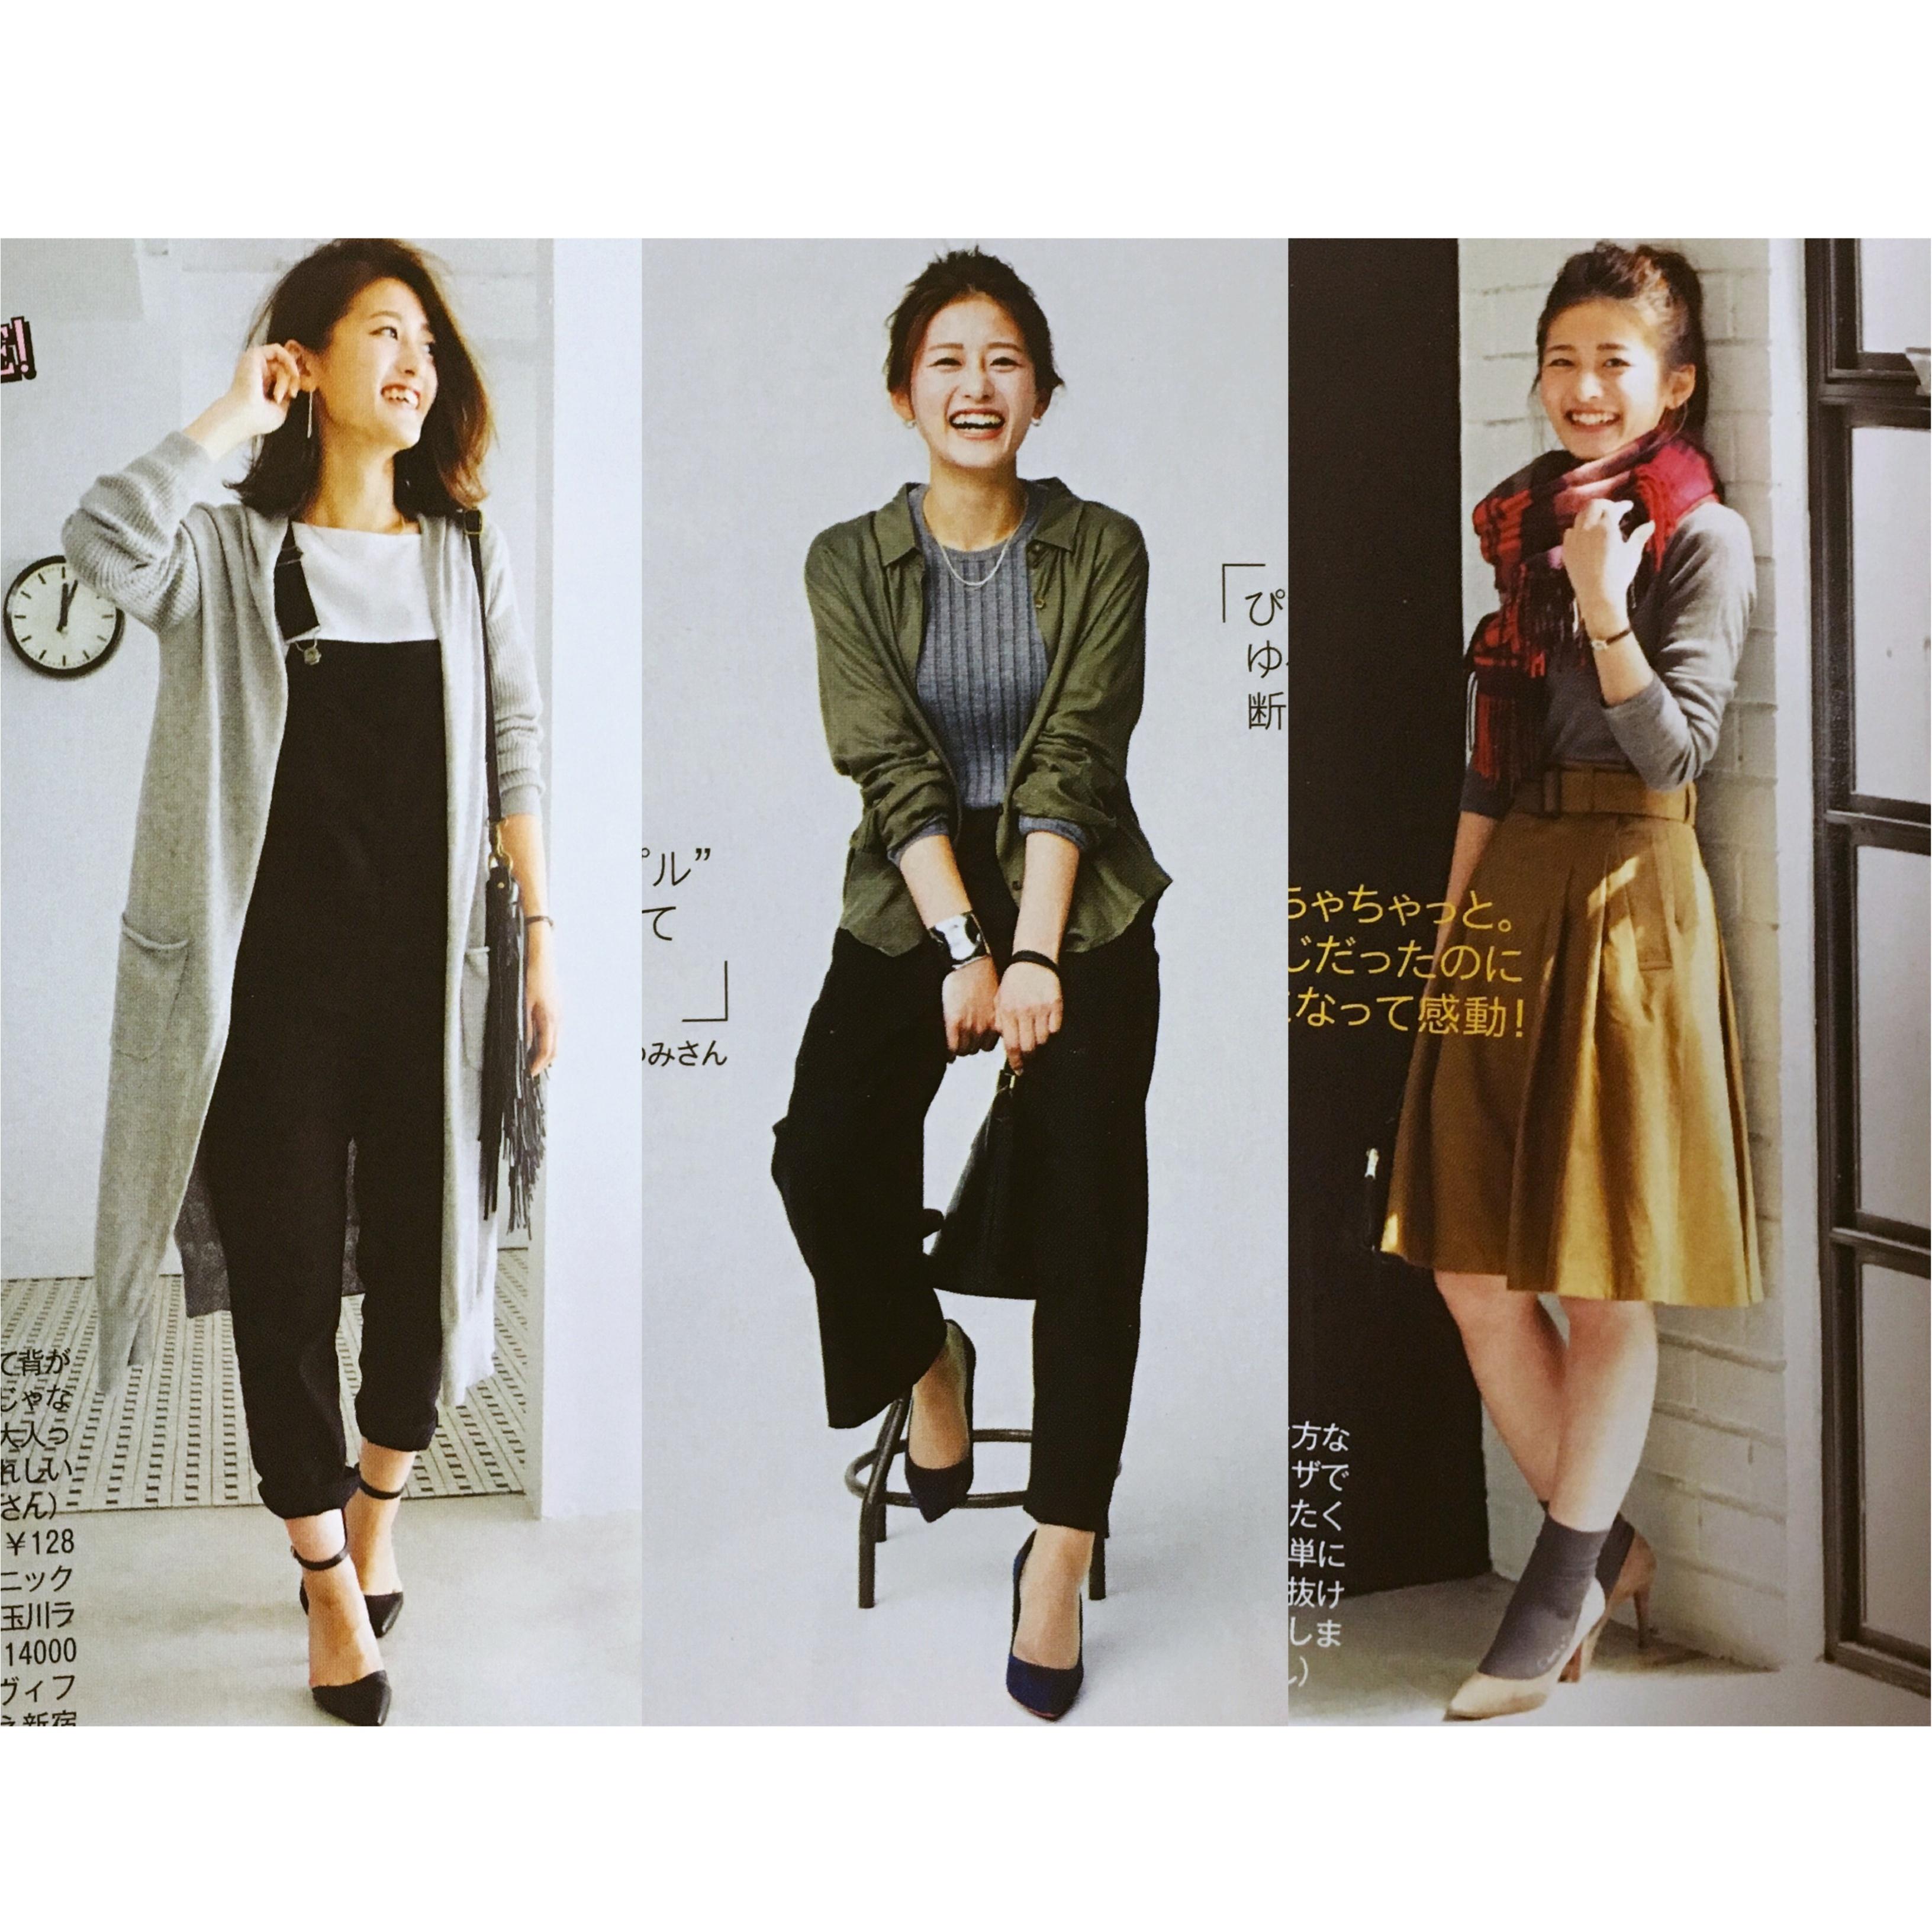 あゆみのファッション。No.291 あゆみ_1